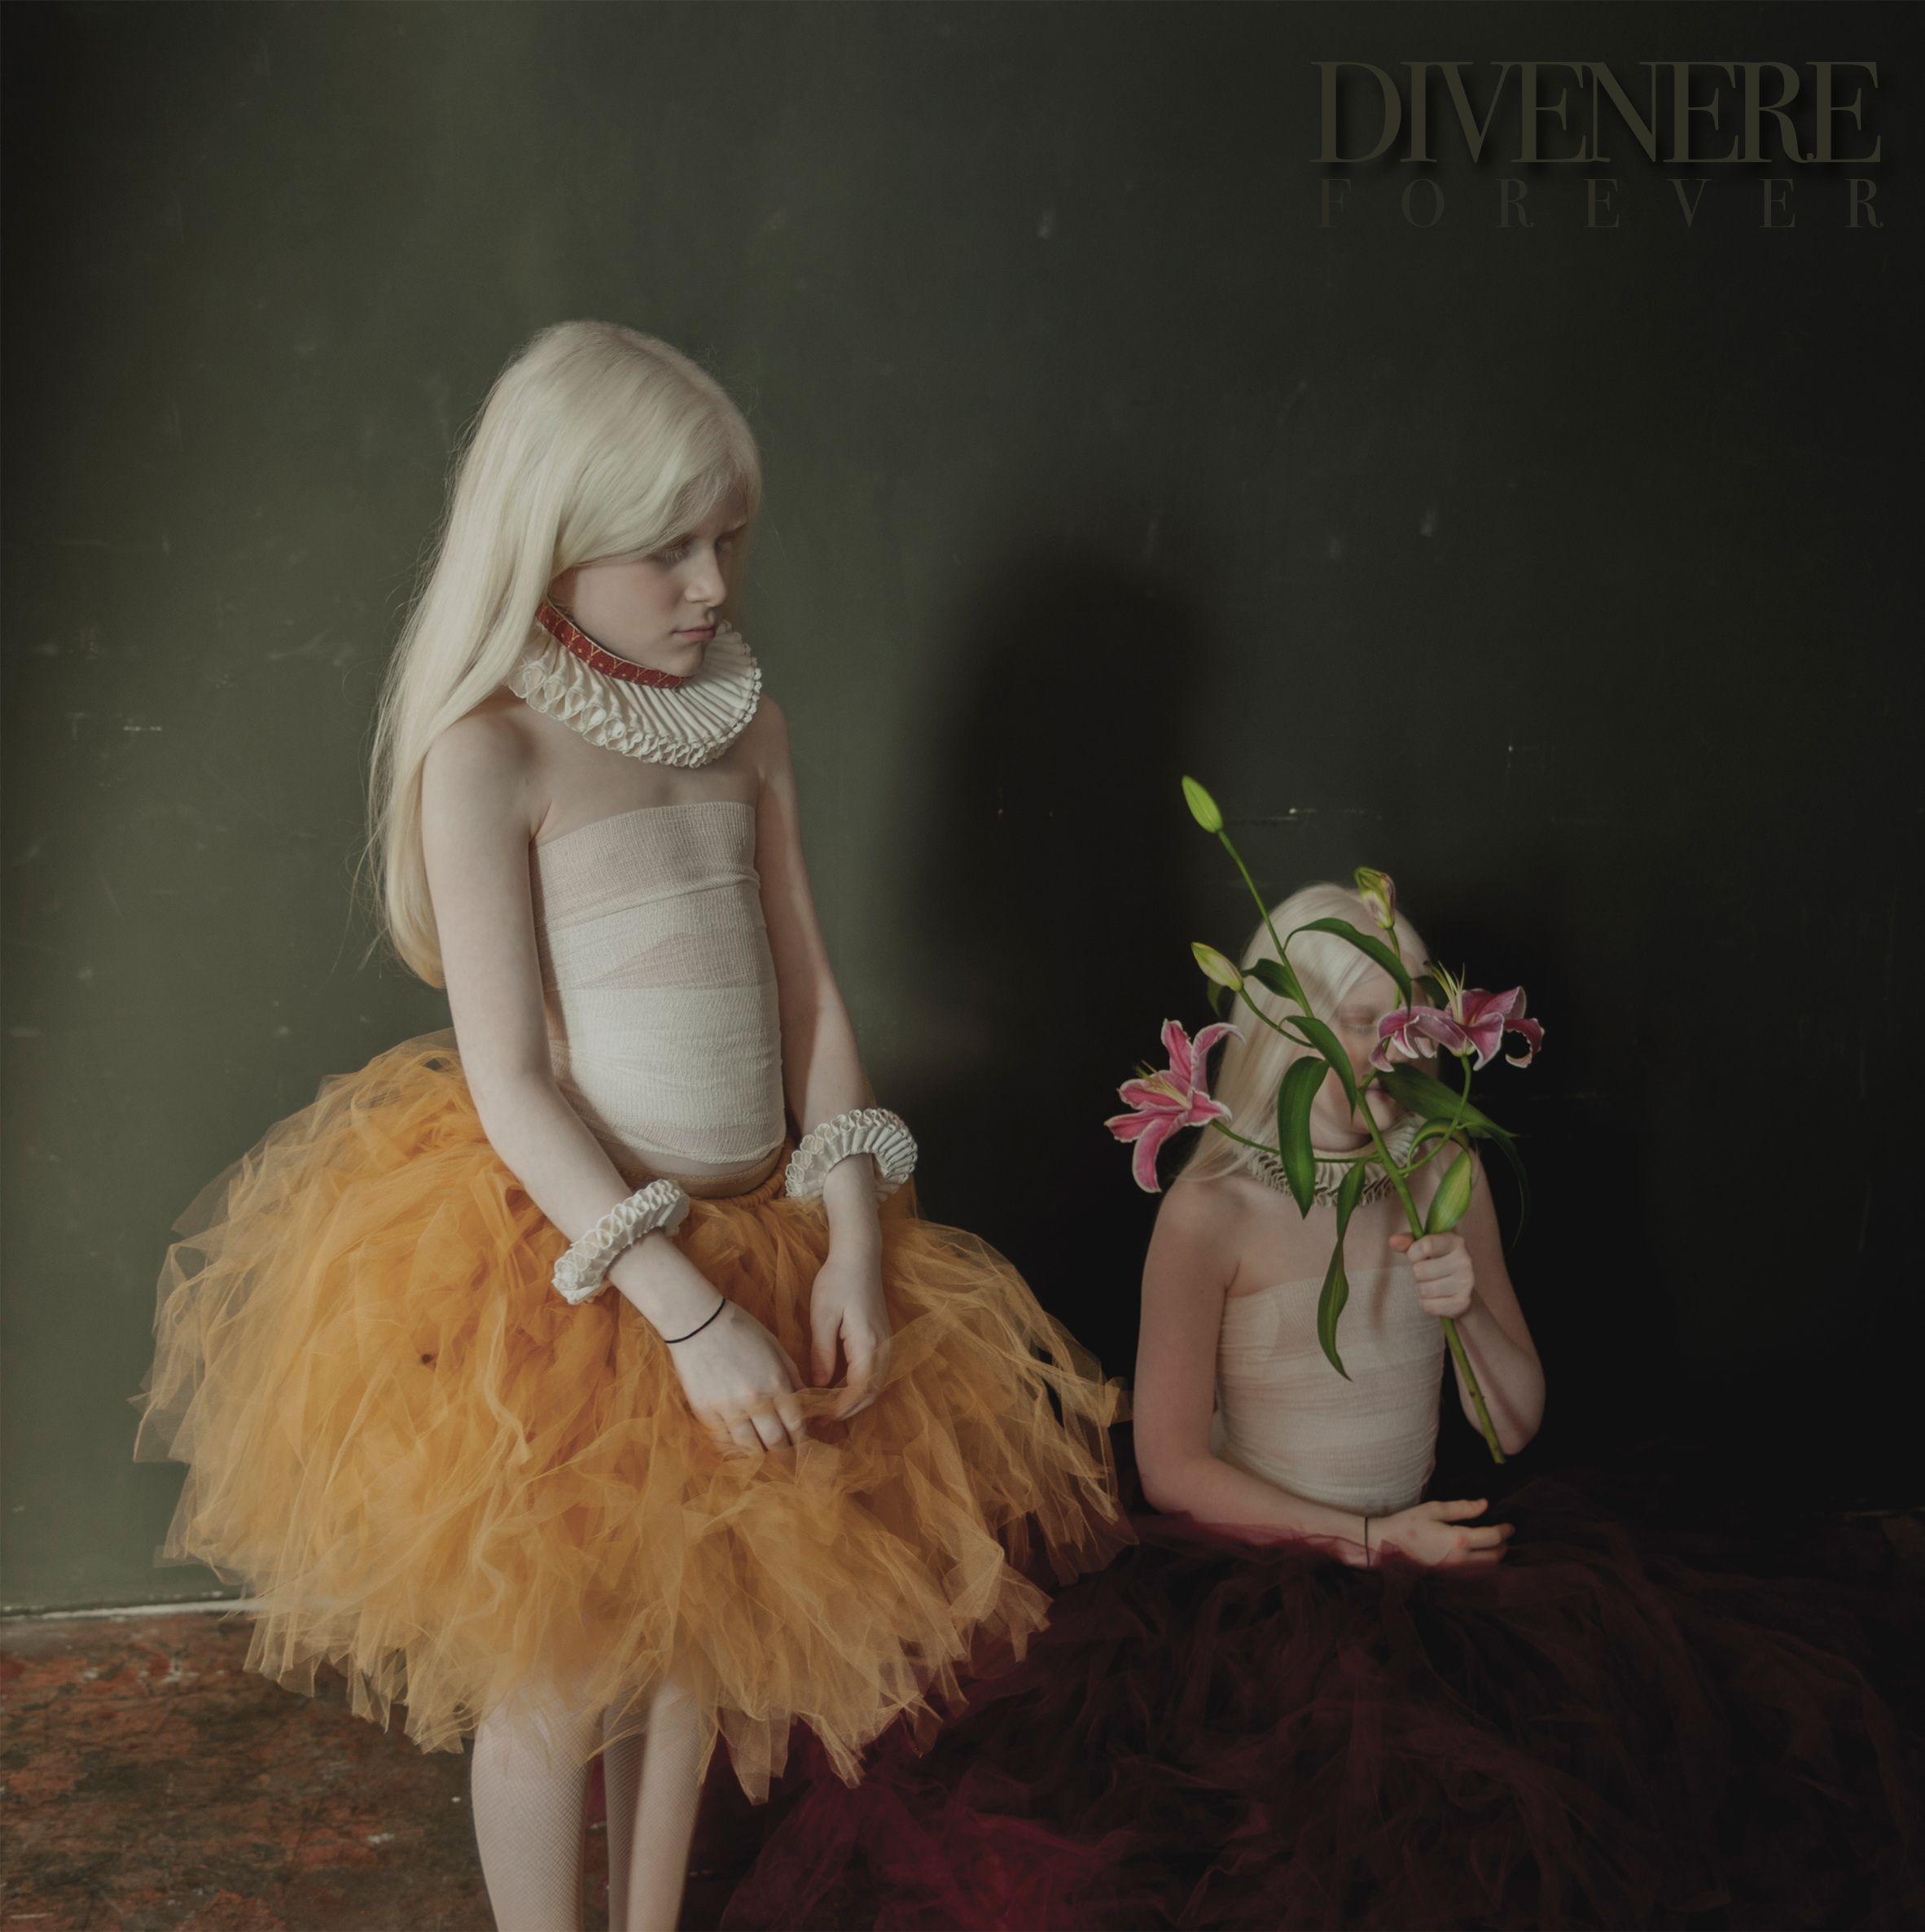 Divenere, il dreampop di Forever in uscita il 5 marzo